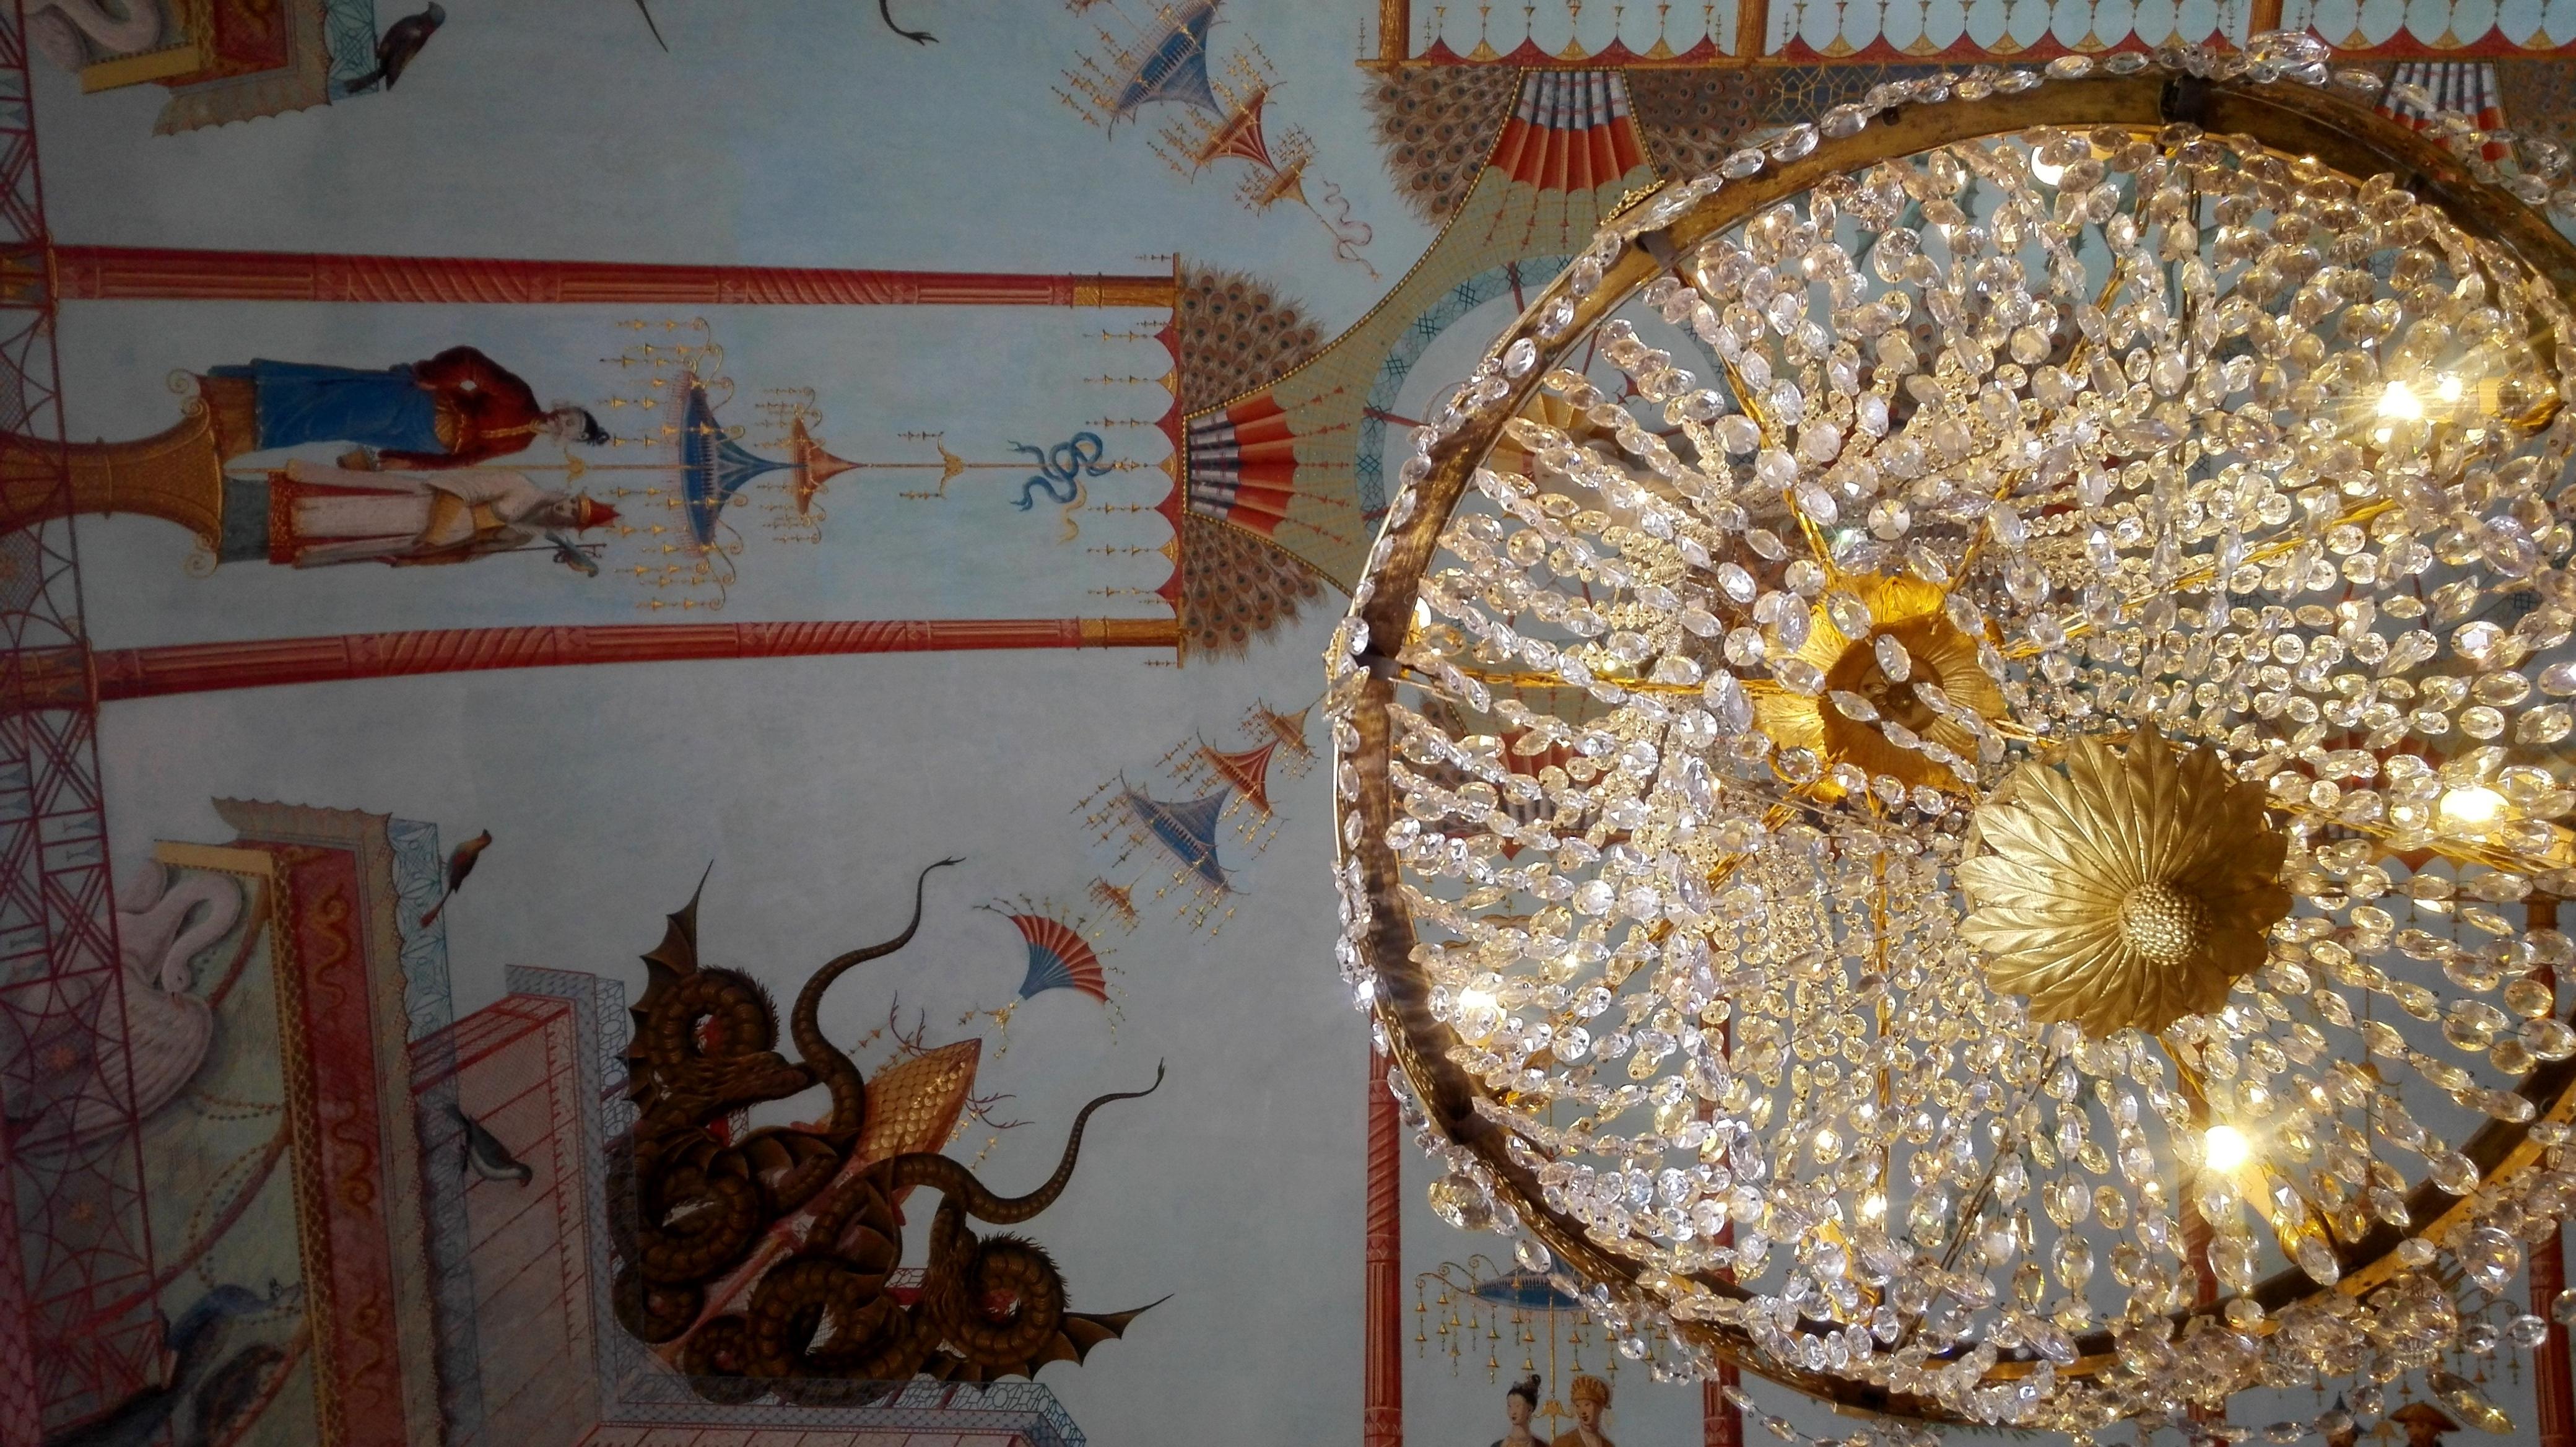 Tornano a splendere i lampadari della Palazzina Cinese - Live Sicilia